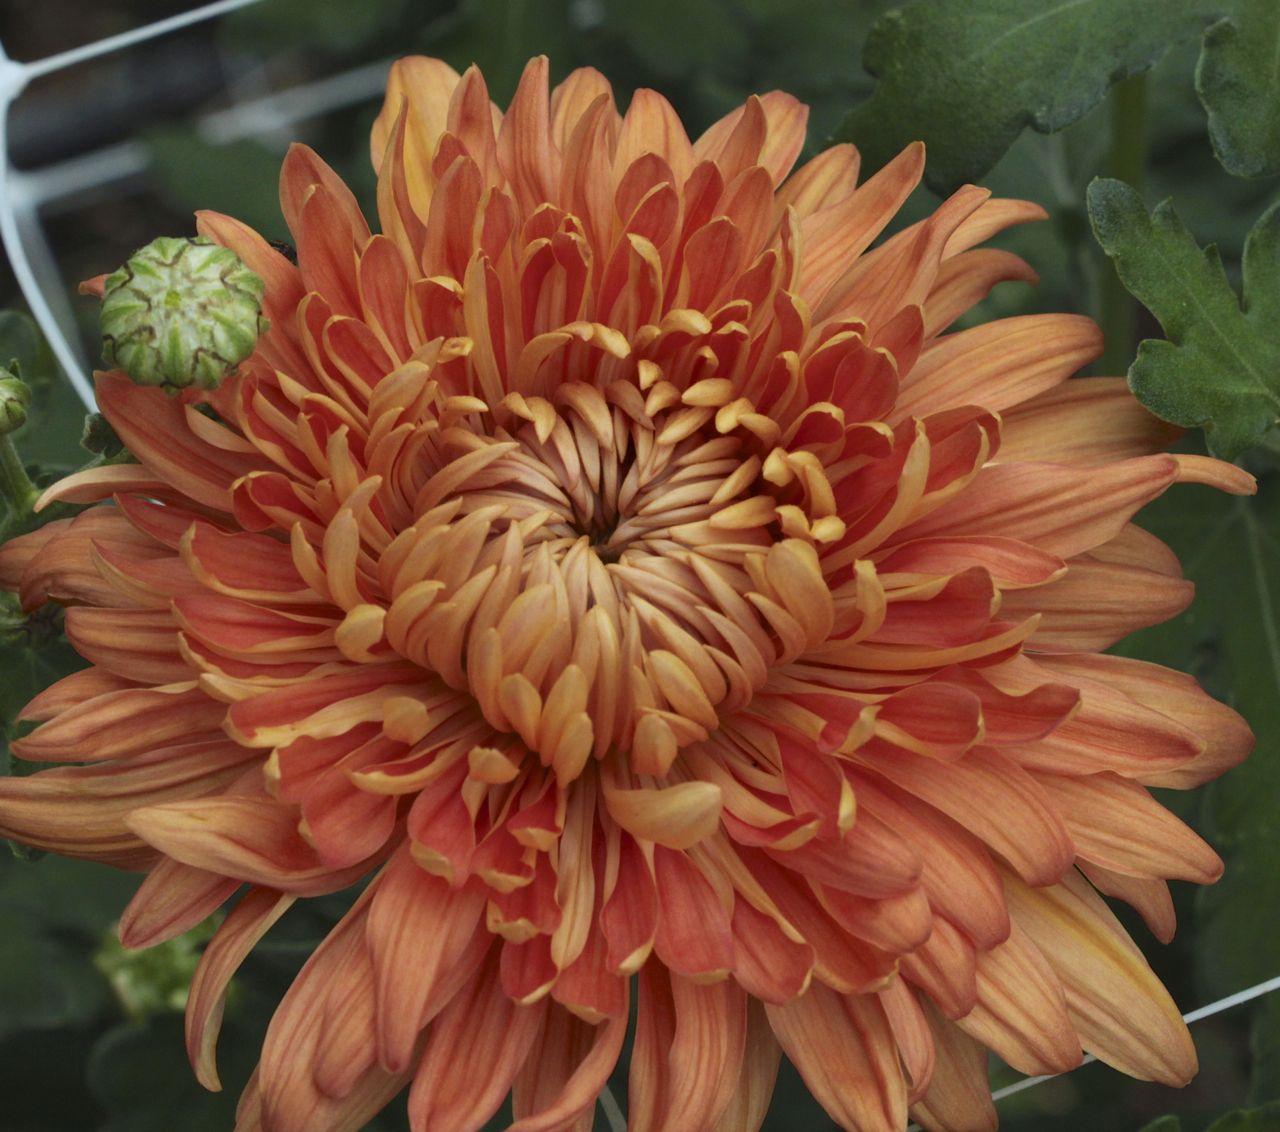 Chrysanthemum Apricot Courtier Garden Flower Beds Chrysanthemum Flora Flowers